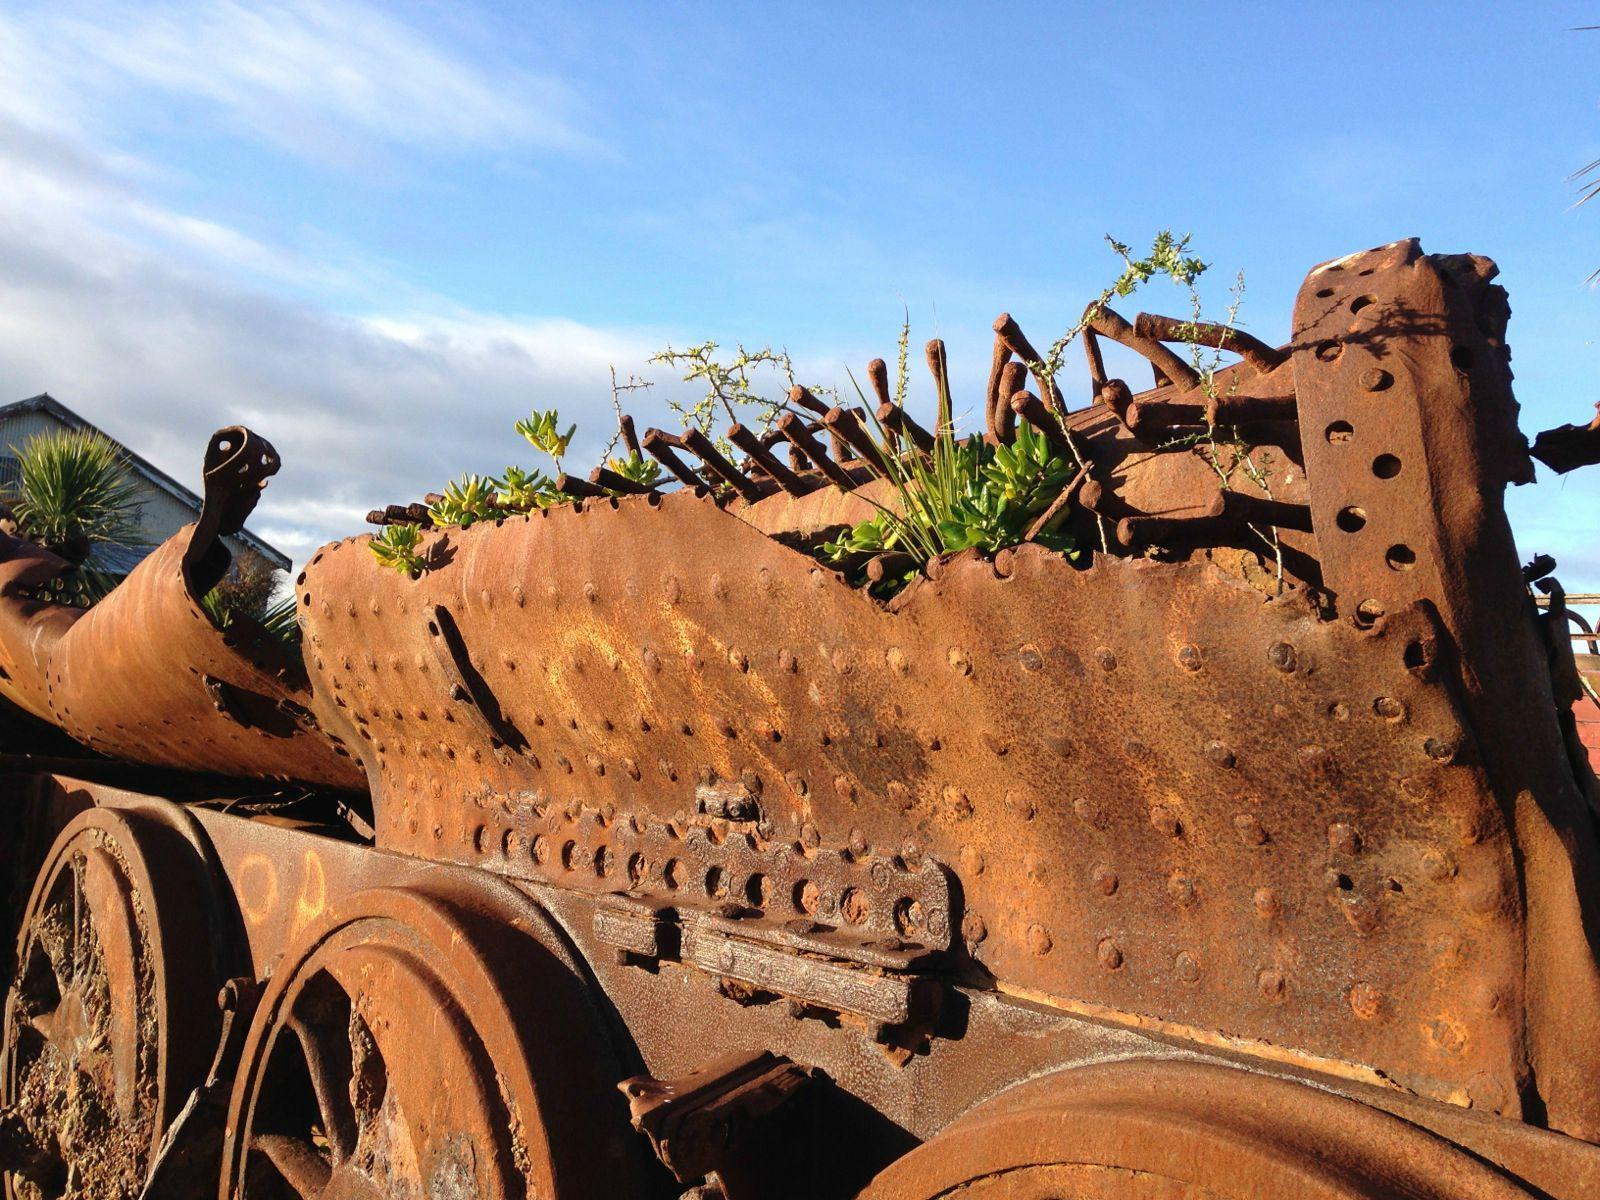 把多肉植物养在生锈的火车残骸上,奥马鲁人的浪漫真是够了!